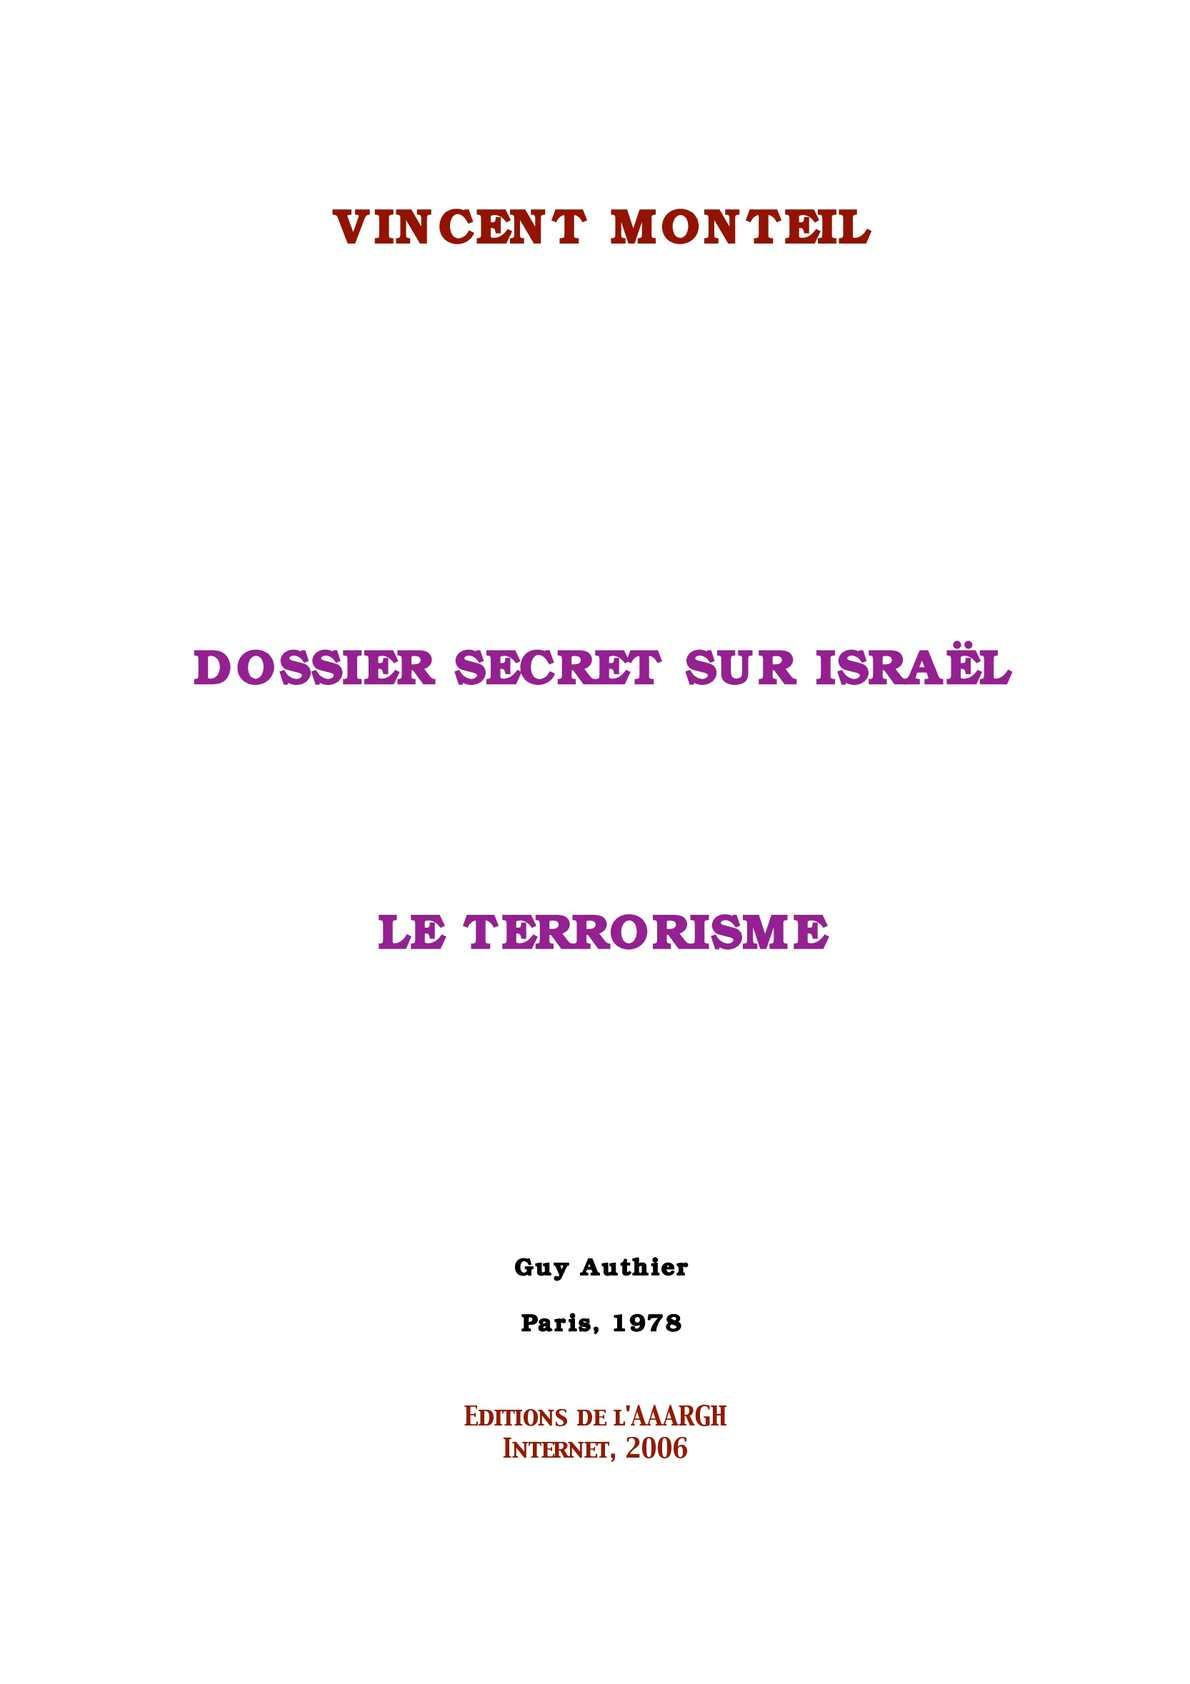 Calaméo - DOSSIER SECRET SUR ISRAËL LE TERRORISME 9c7b1fe2d3b6